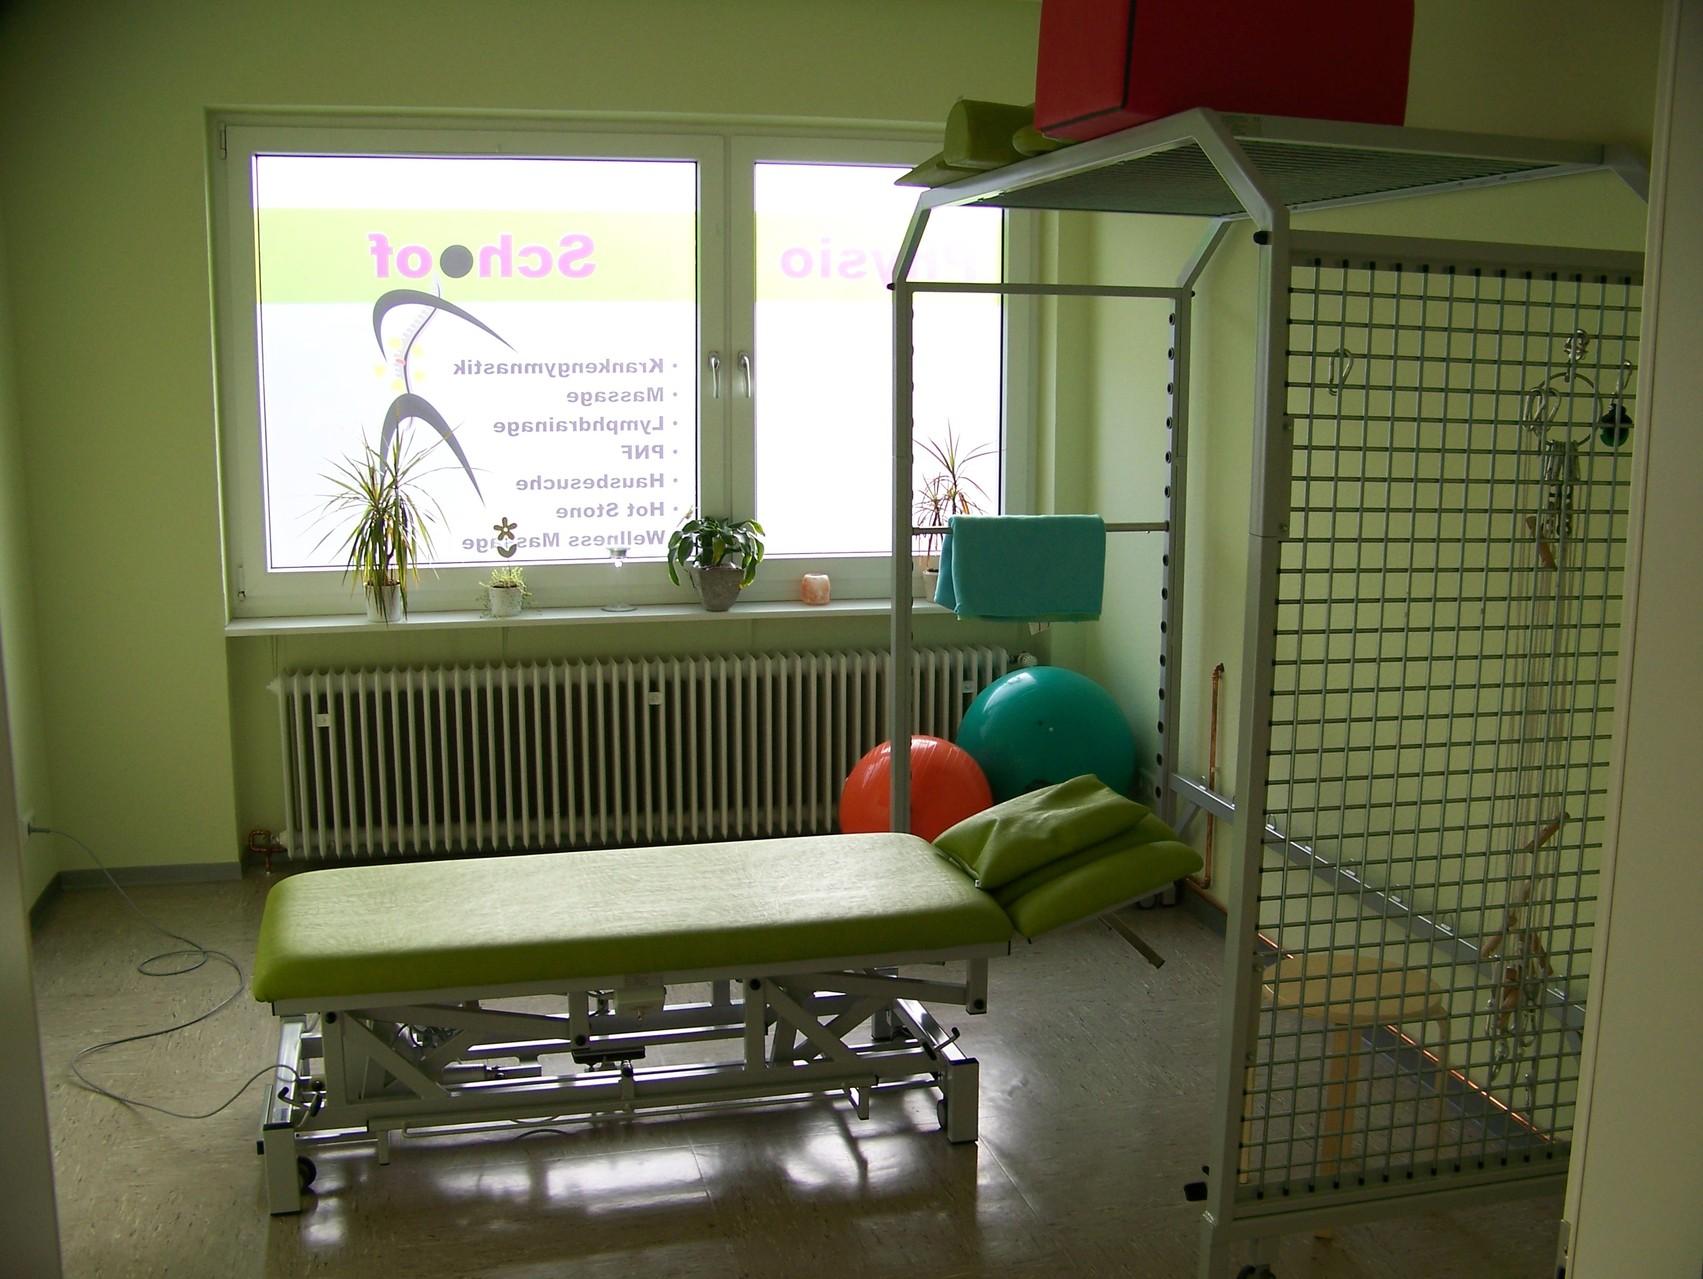 Behandlungsraum 1 mit Schlingentisch